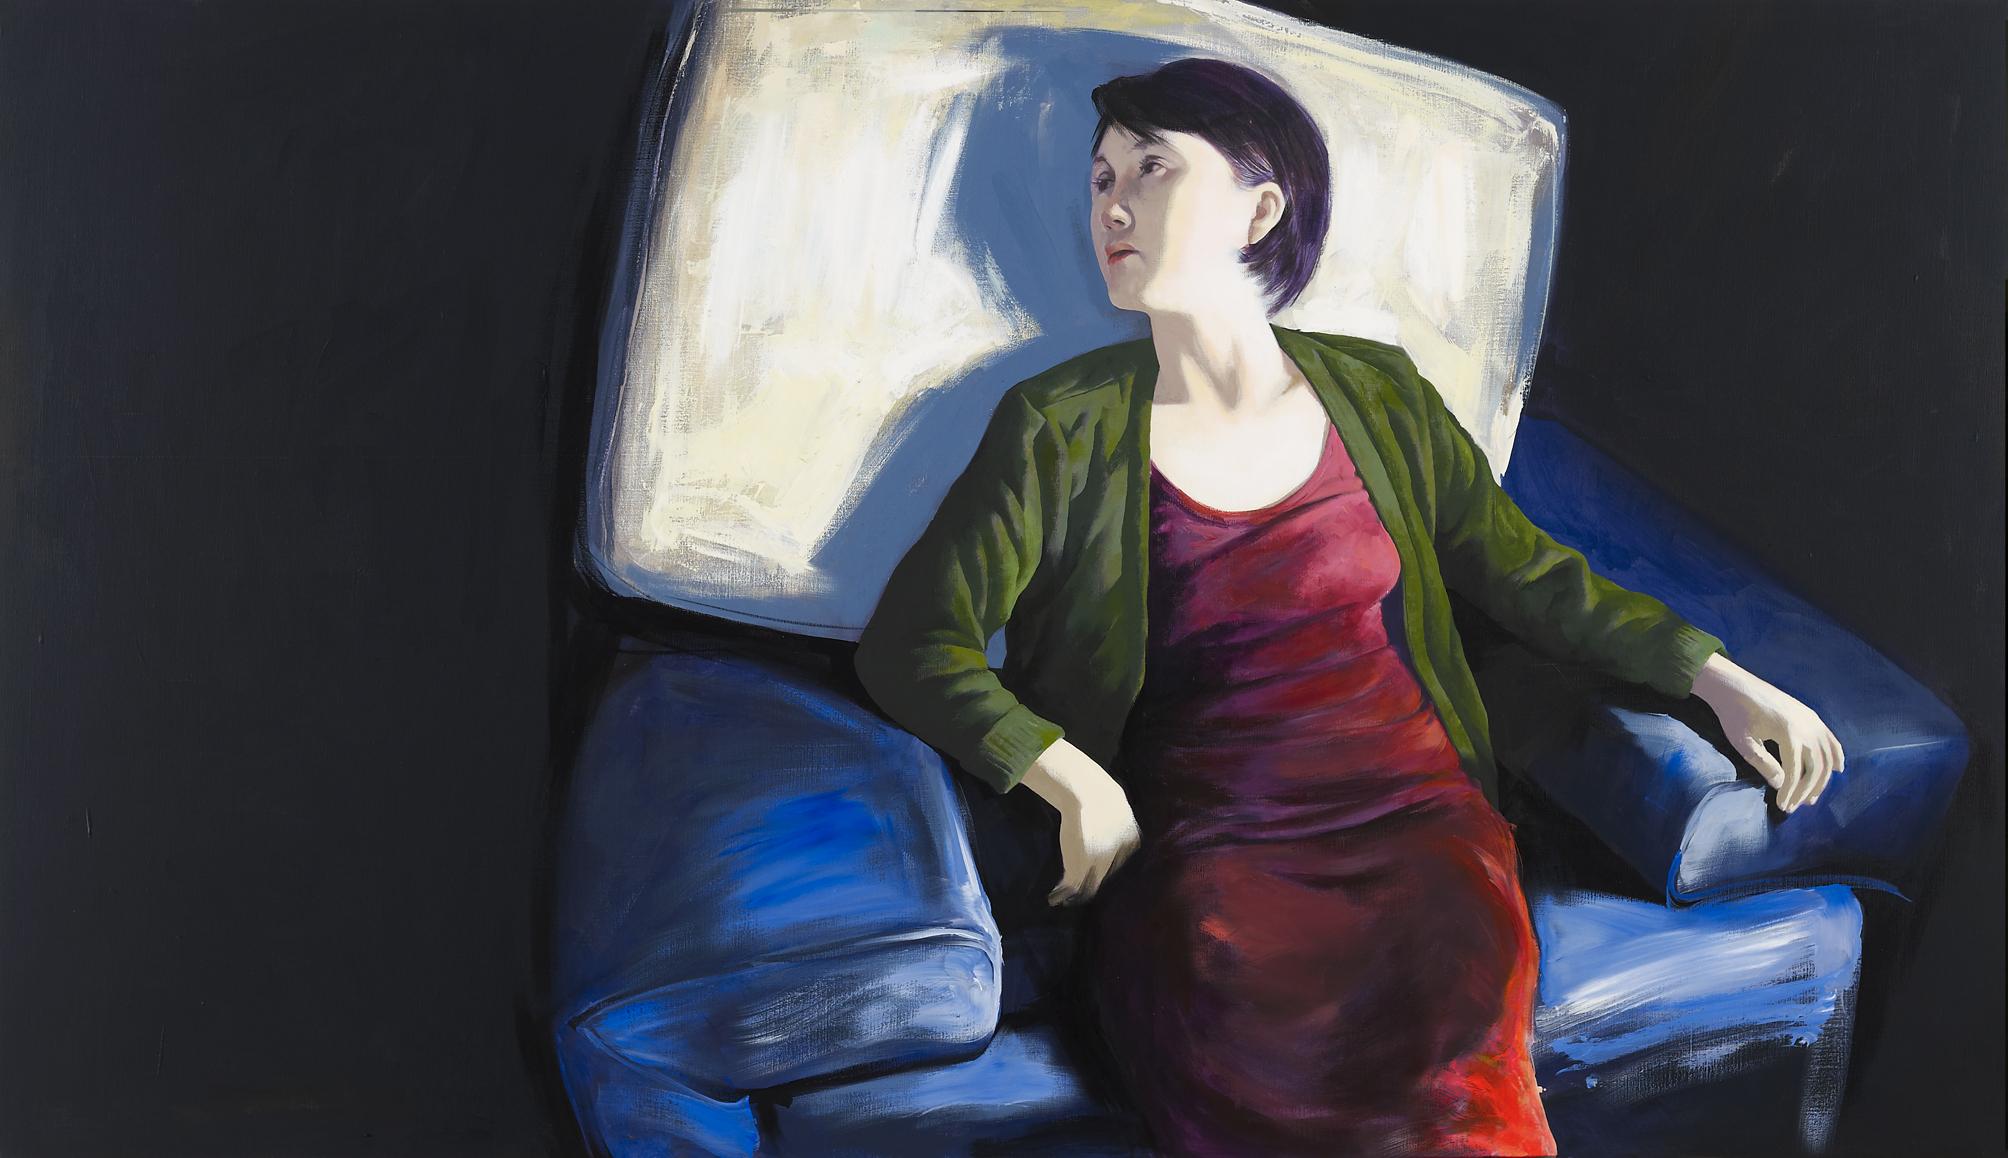 The wall- She's Gone. Dong Yeoun Kim